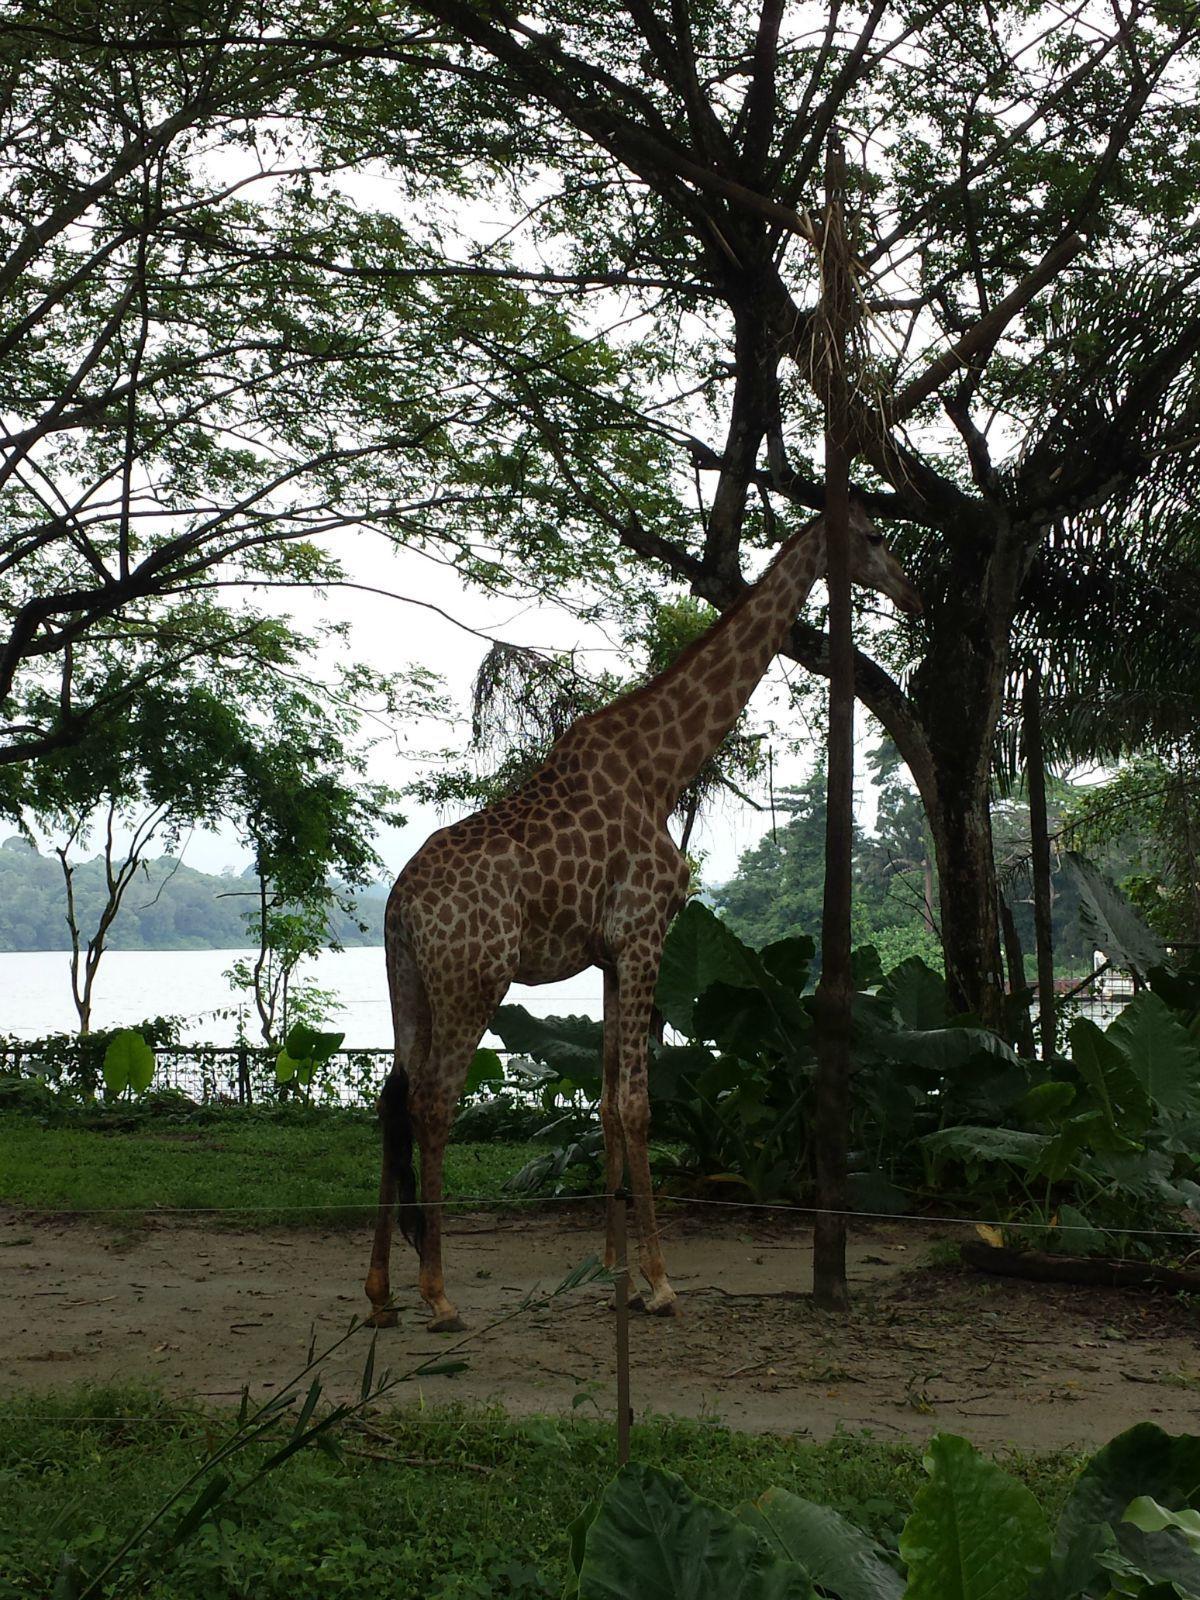 新加坡动物园 夜间野生动物园是世界上第一个专为夜间活动的动物而